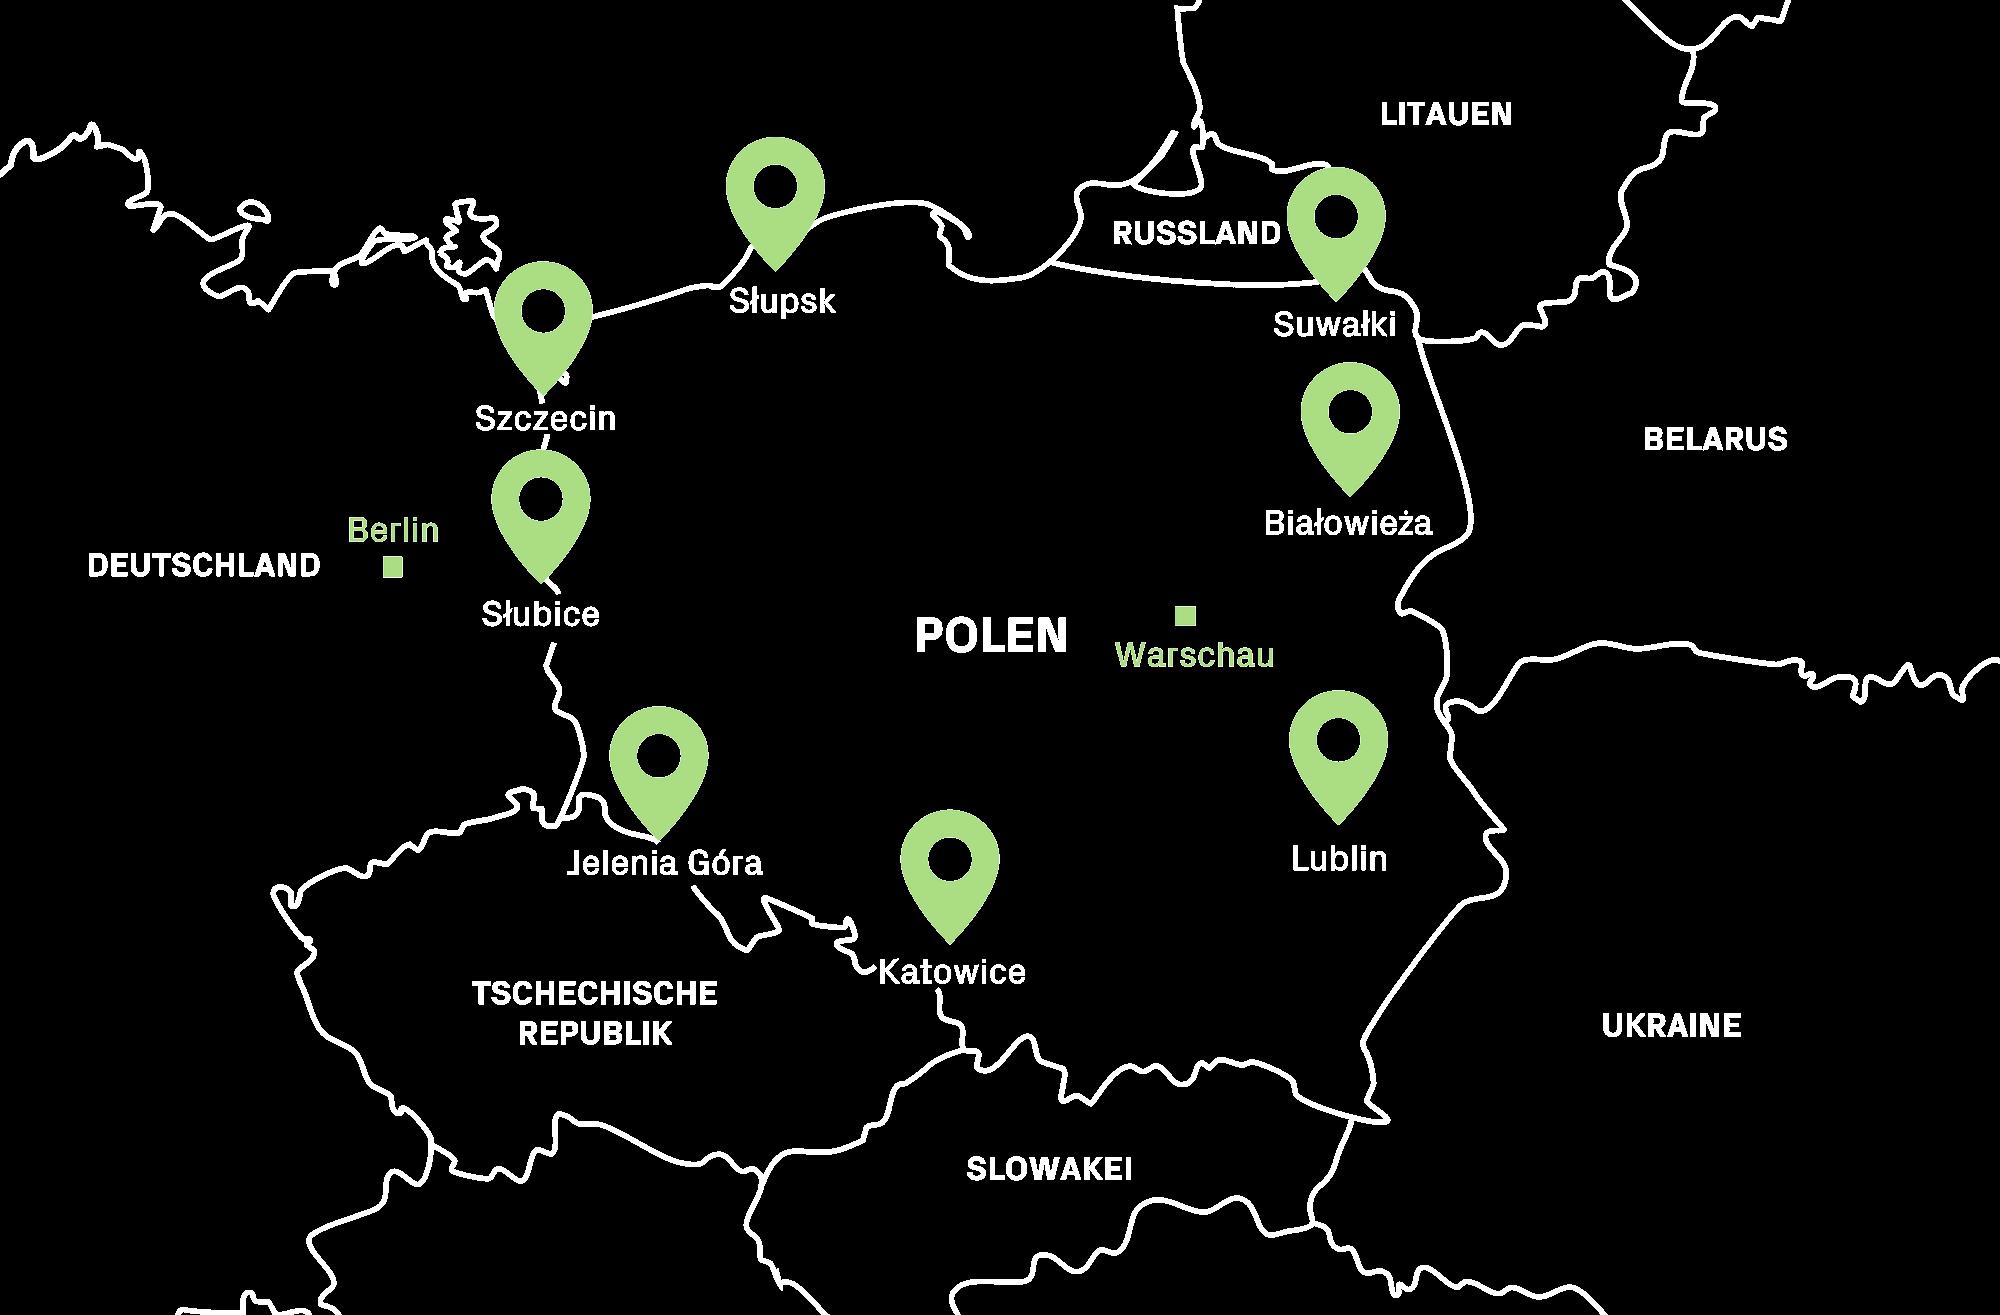 Karte Borderline De